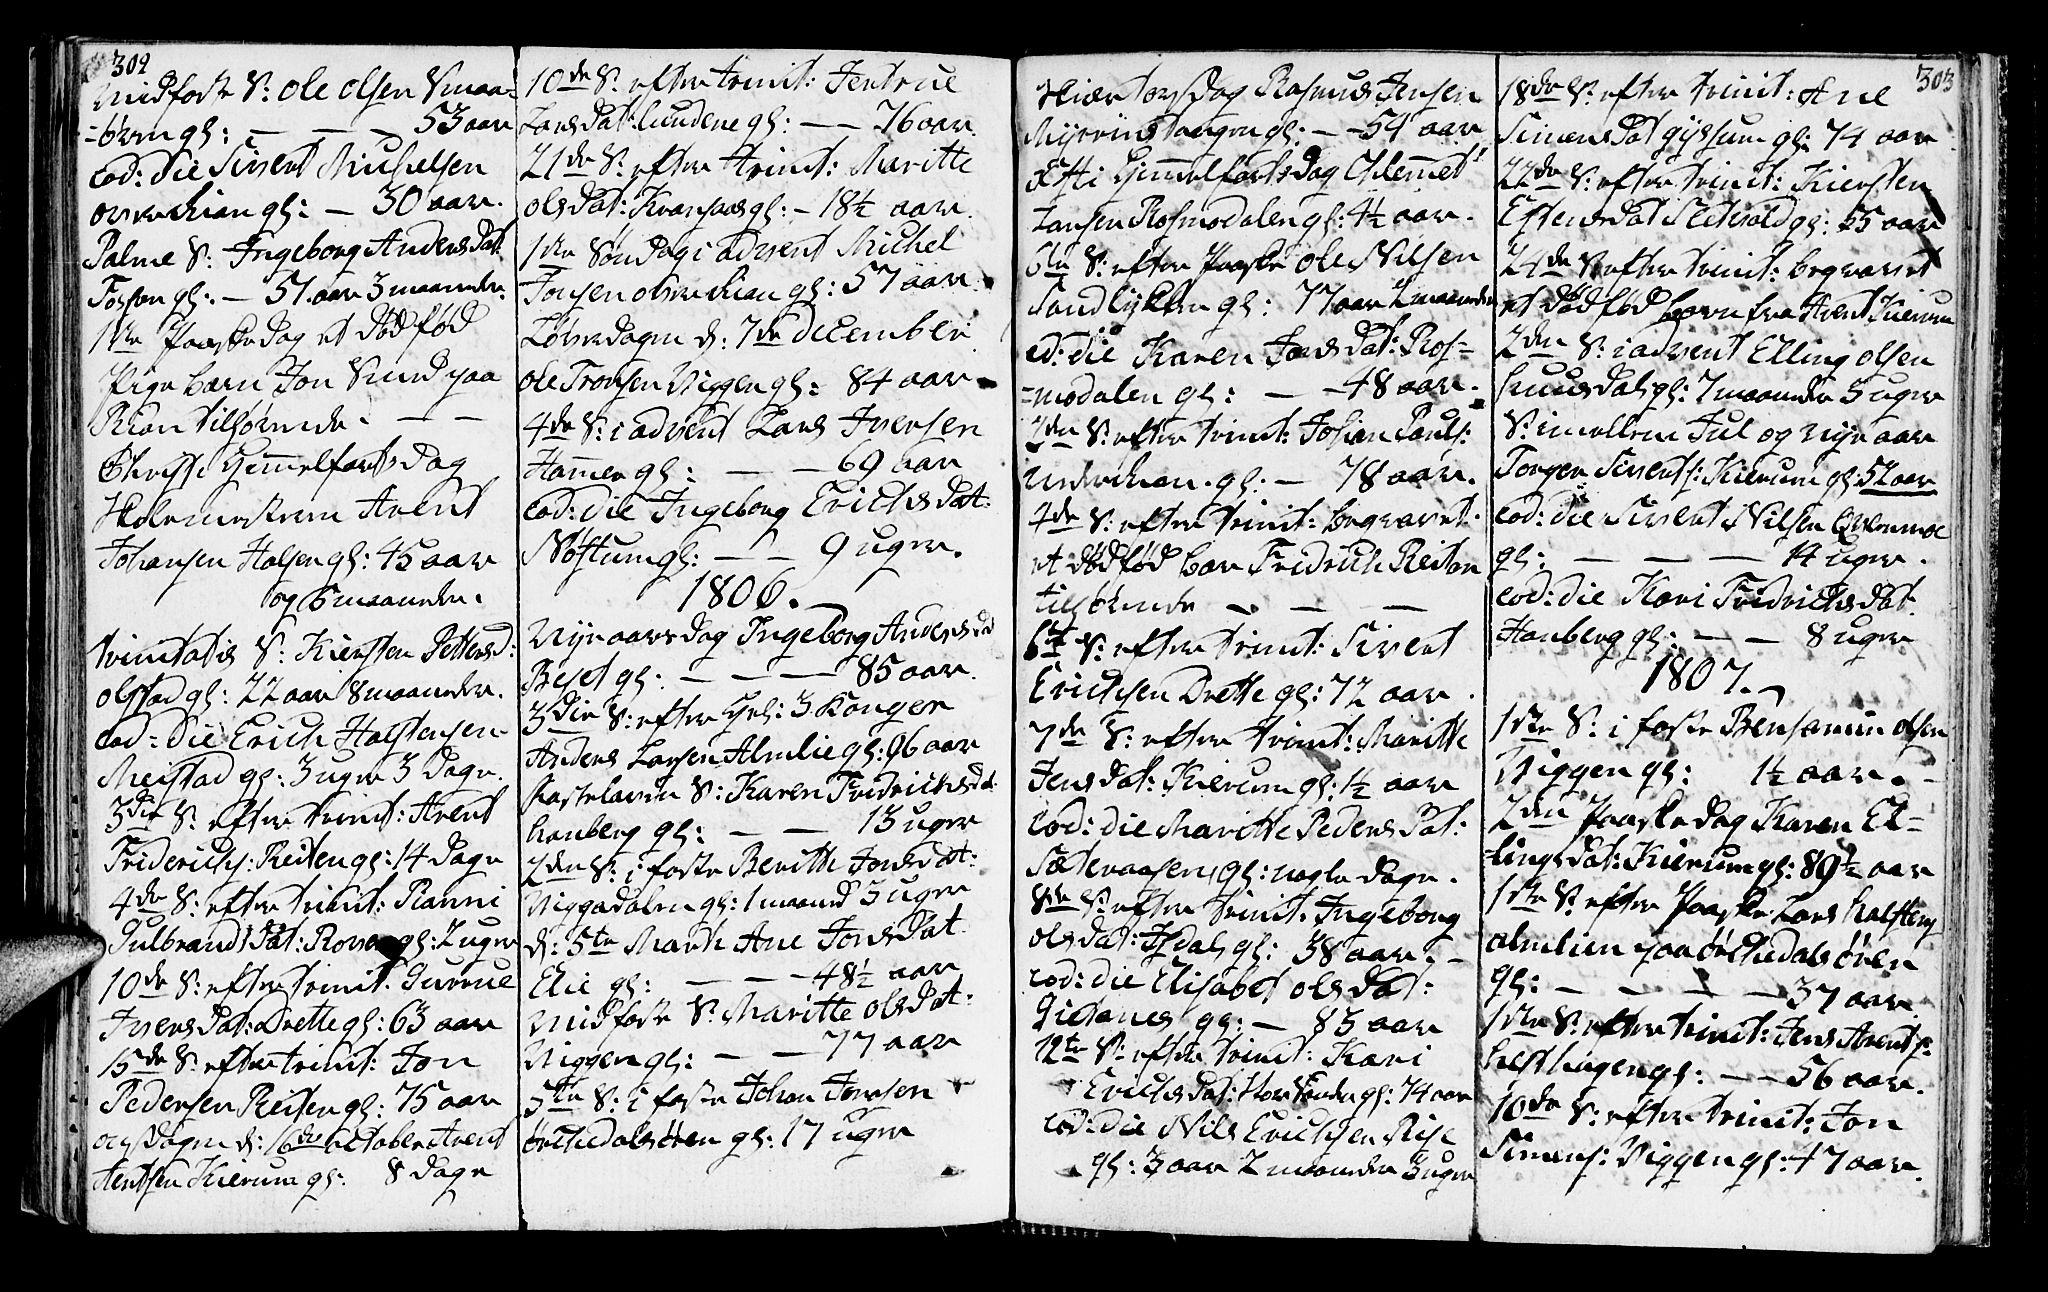 SAT, Ministerialprotokoller, klokkerbøker og fødselsregistre - Sør-Trøndelag, 665/L0769: Ministerialbok nr. 665A04, 1803-1816, s. 302-303